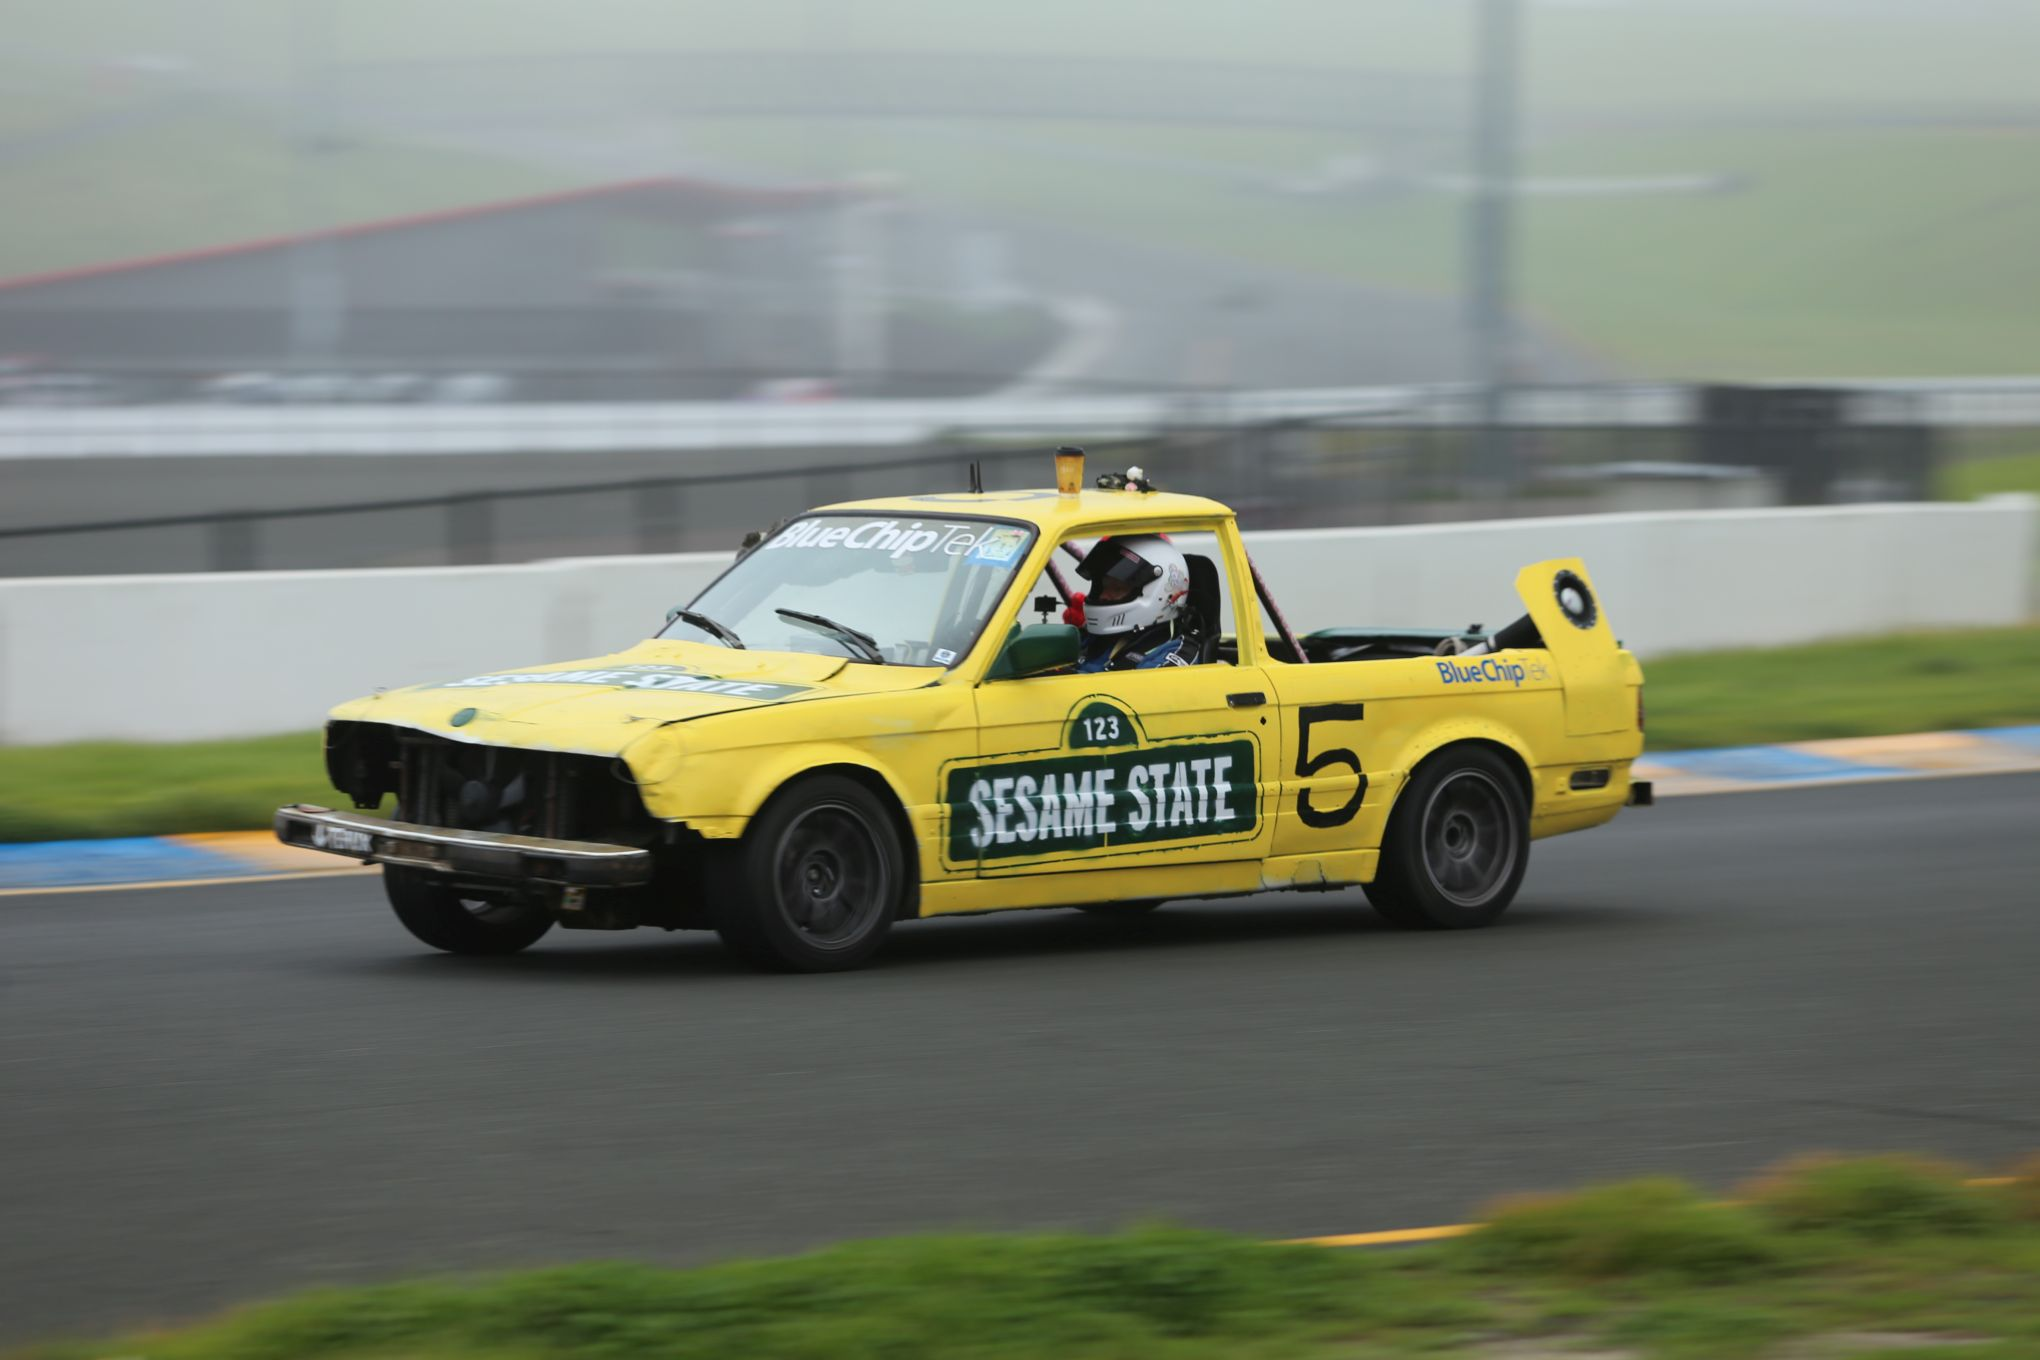 sesame street themed car at 24 Hours of Lemons